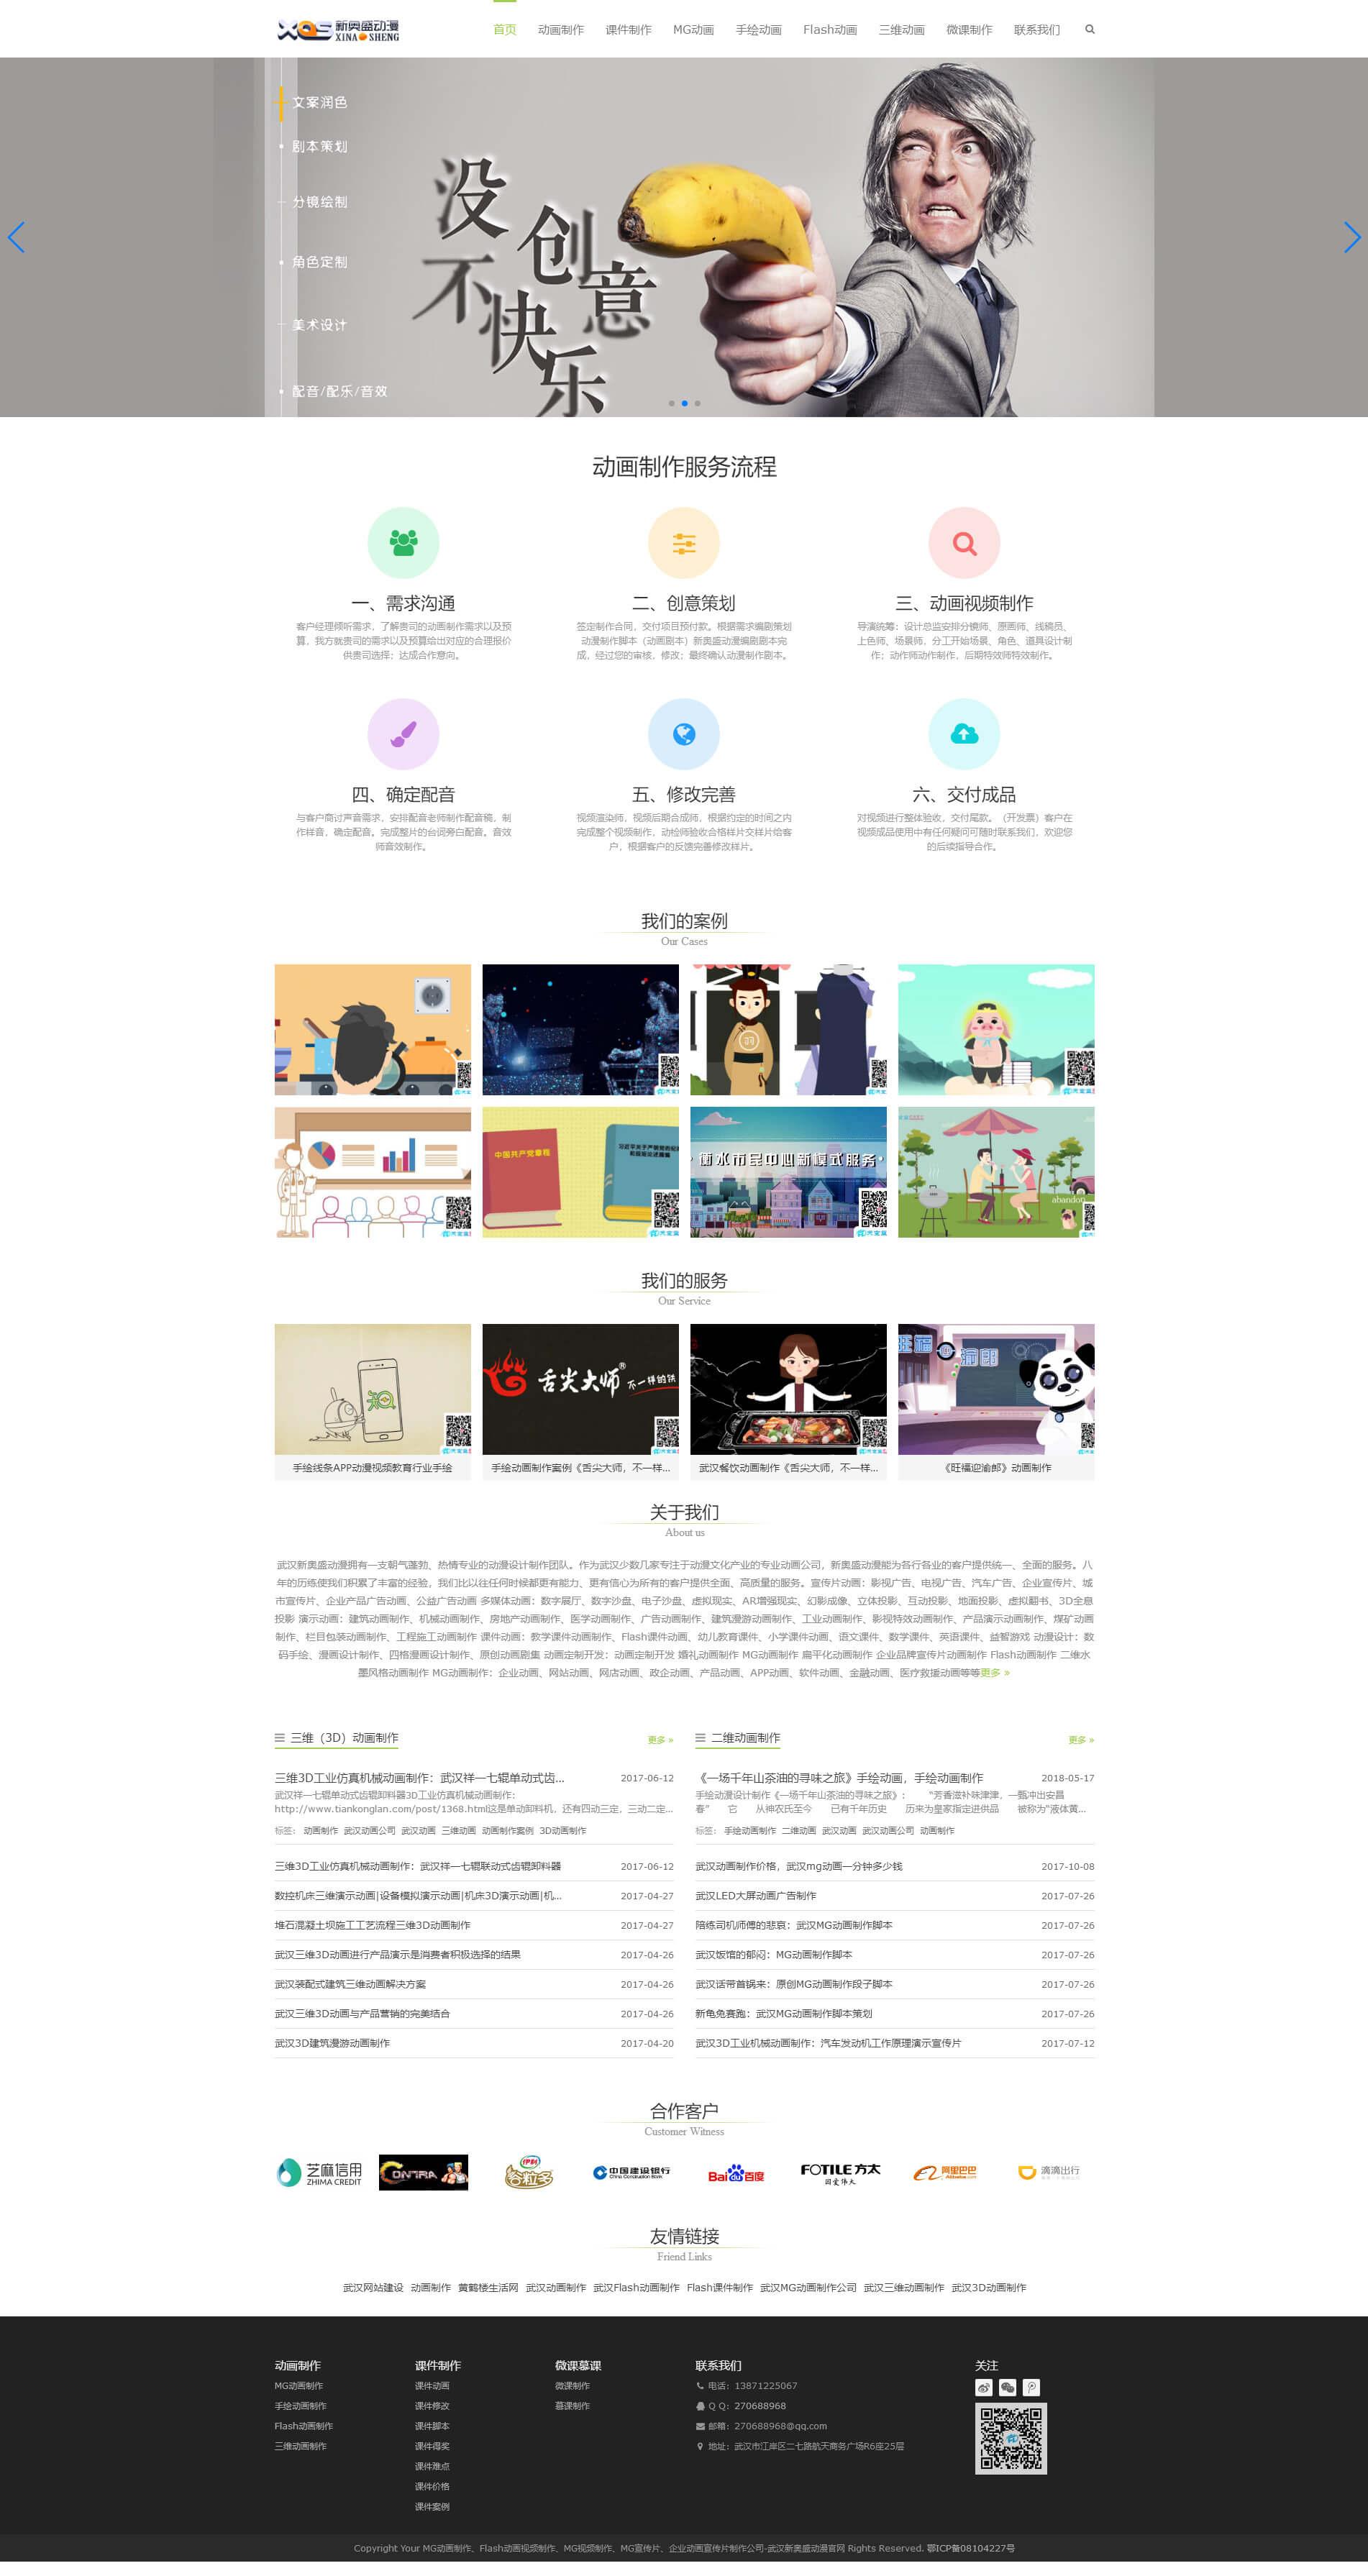 新奥盛动漫响应式网站建设案例截图